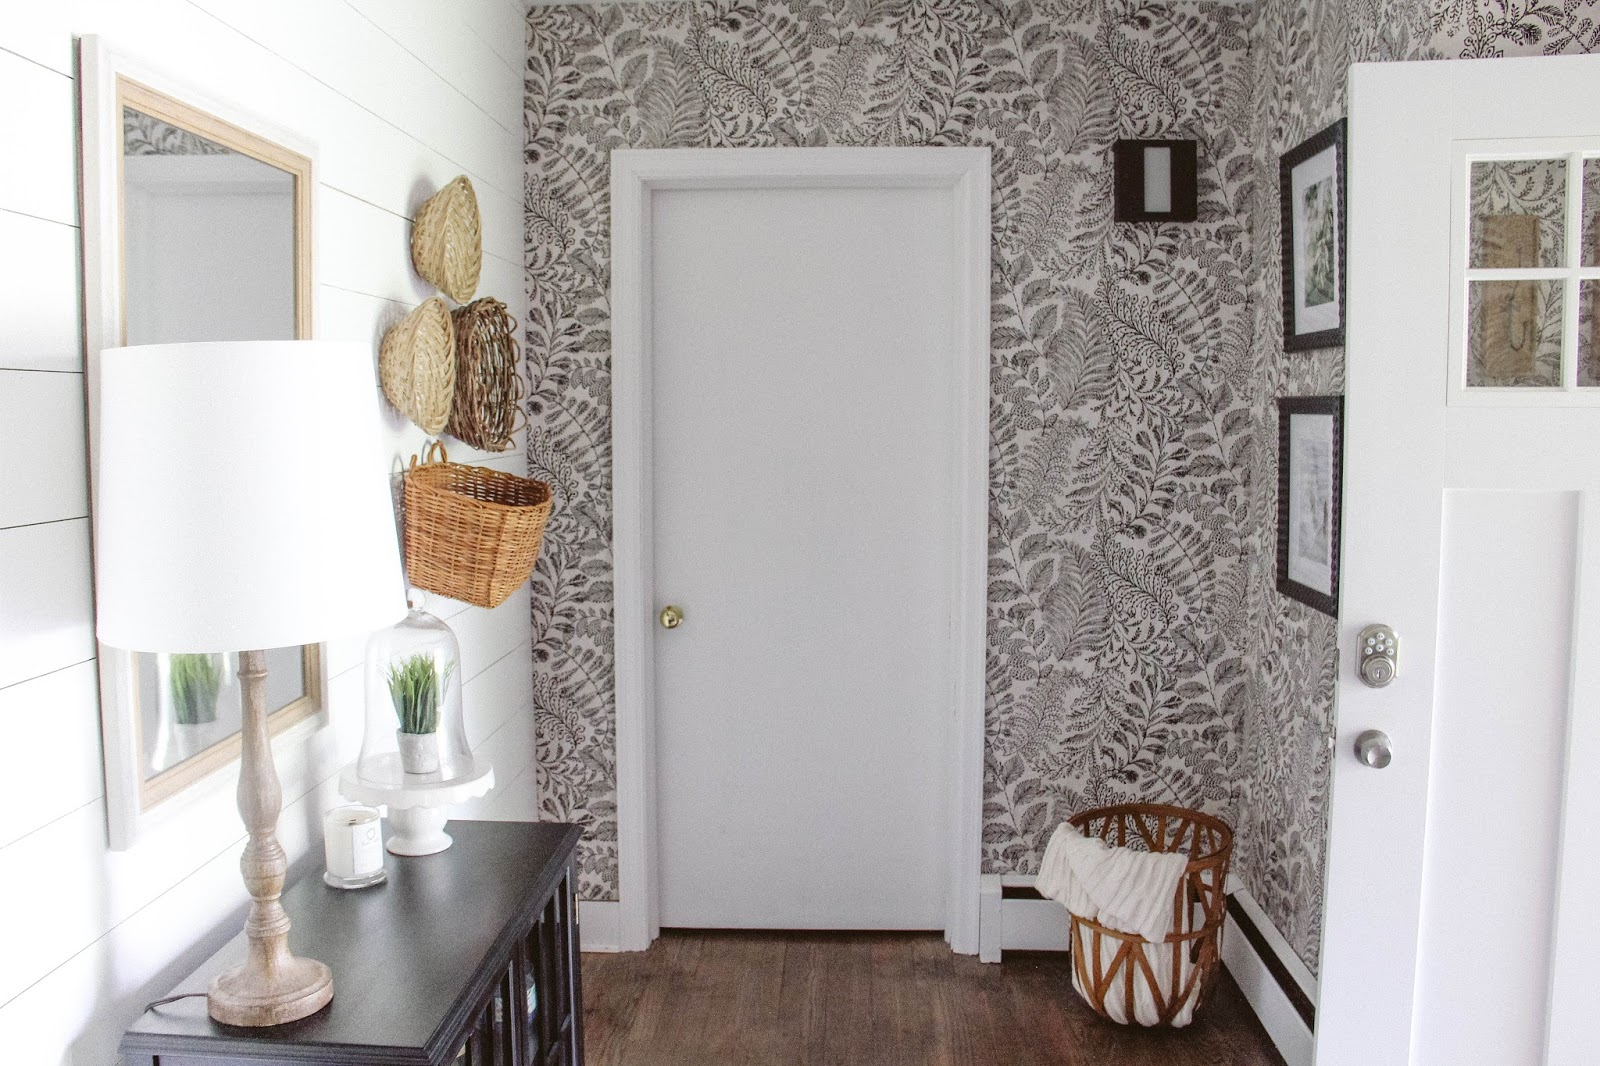 Foyer Wallpaper : Shiplap wallpaper charm foyer reveal darling do